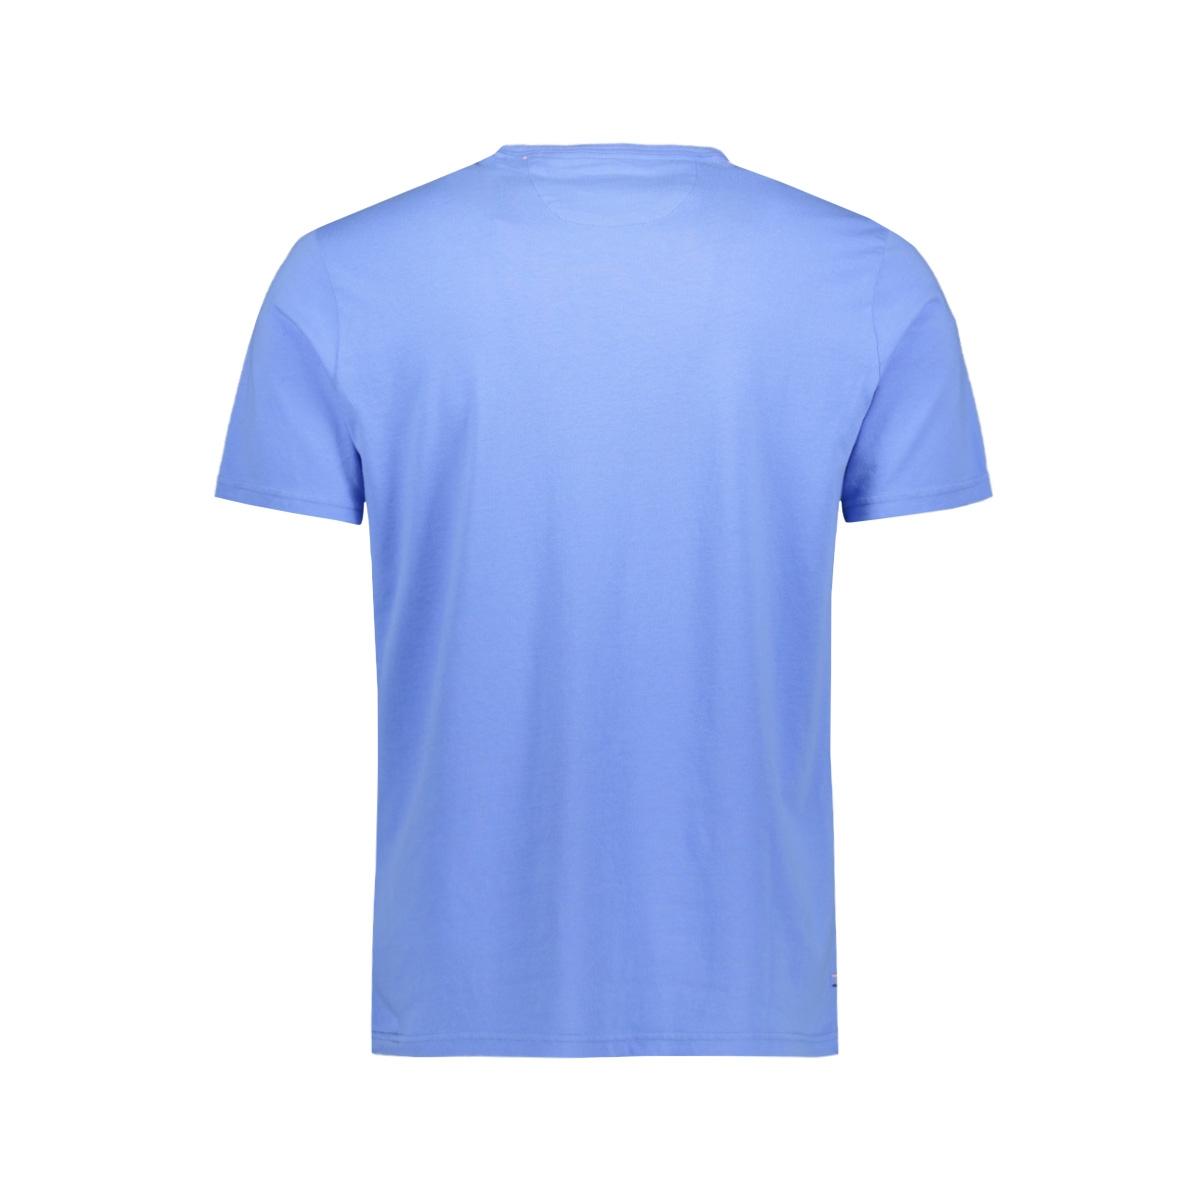 waiouru 20cn726 nza t-shirt 259 fresh blue